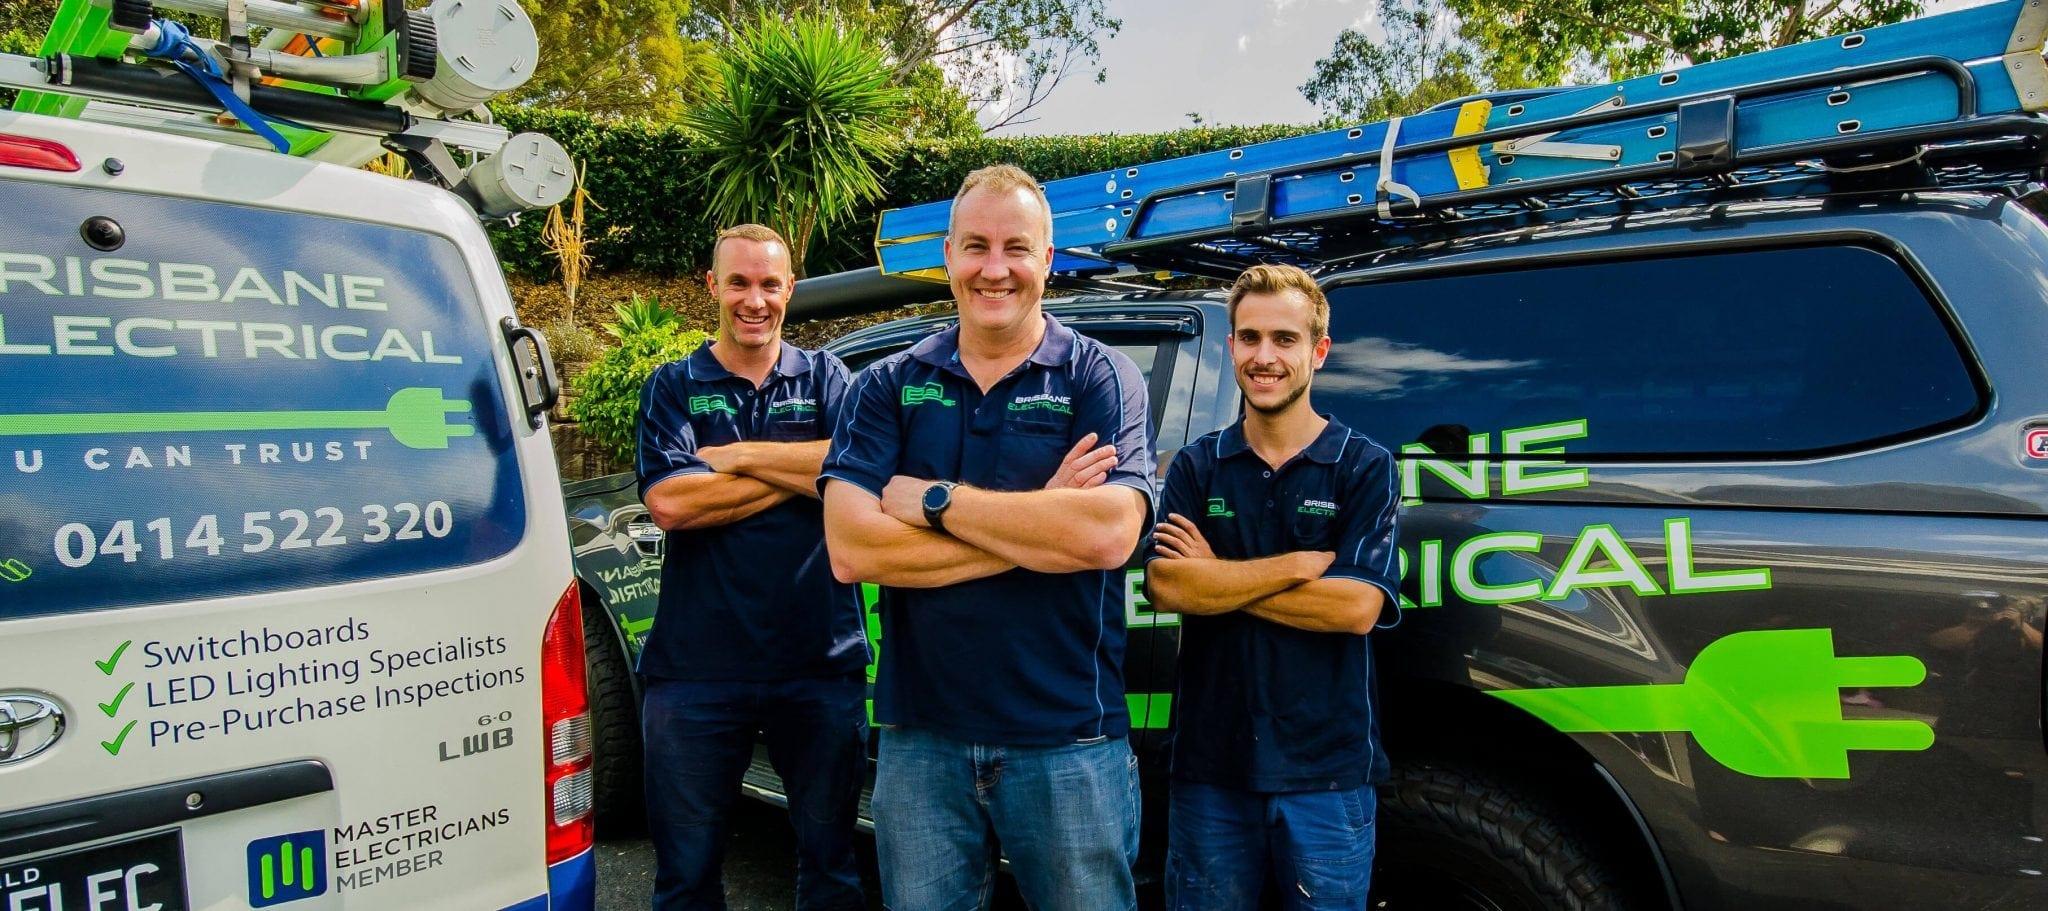 Brisbane Electrical Team